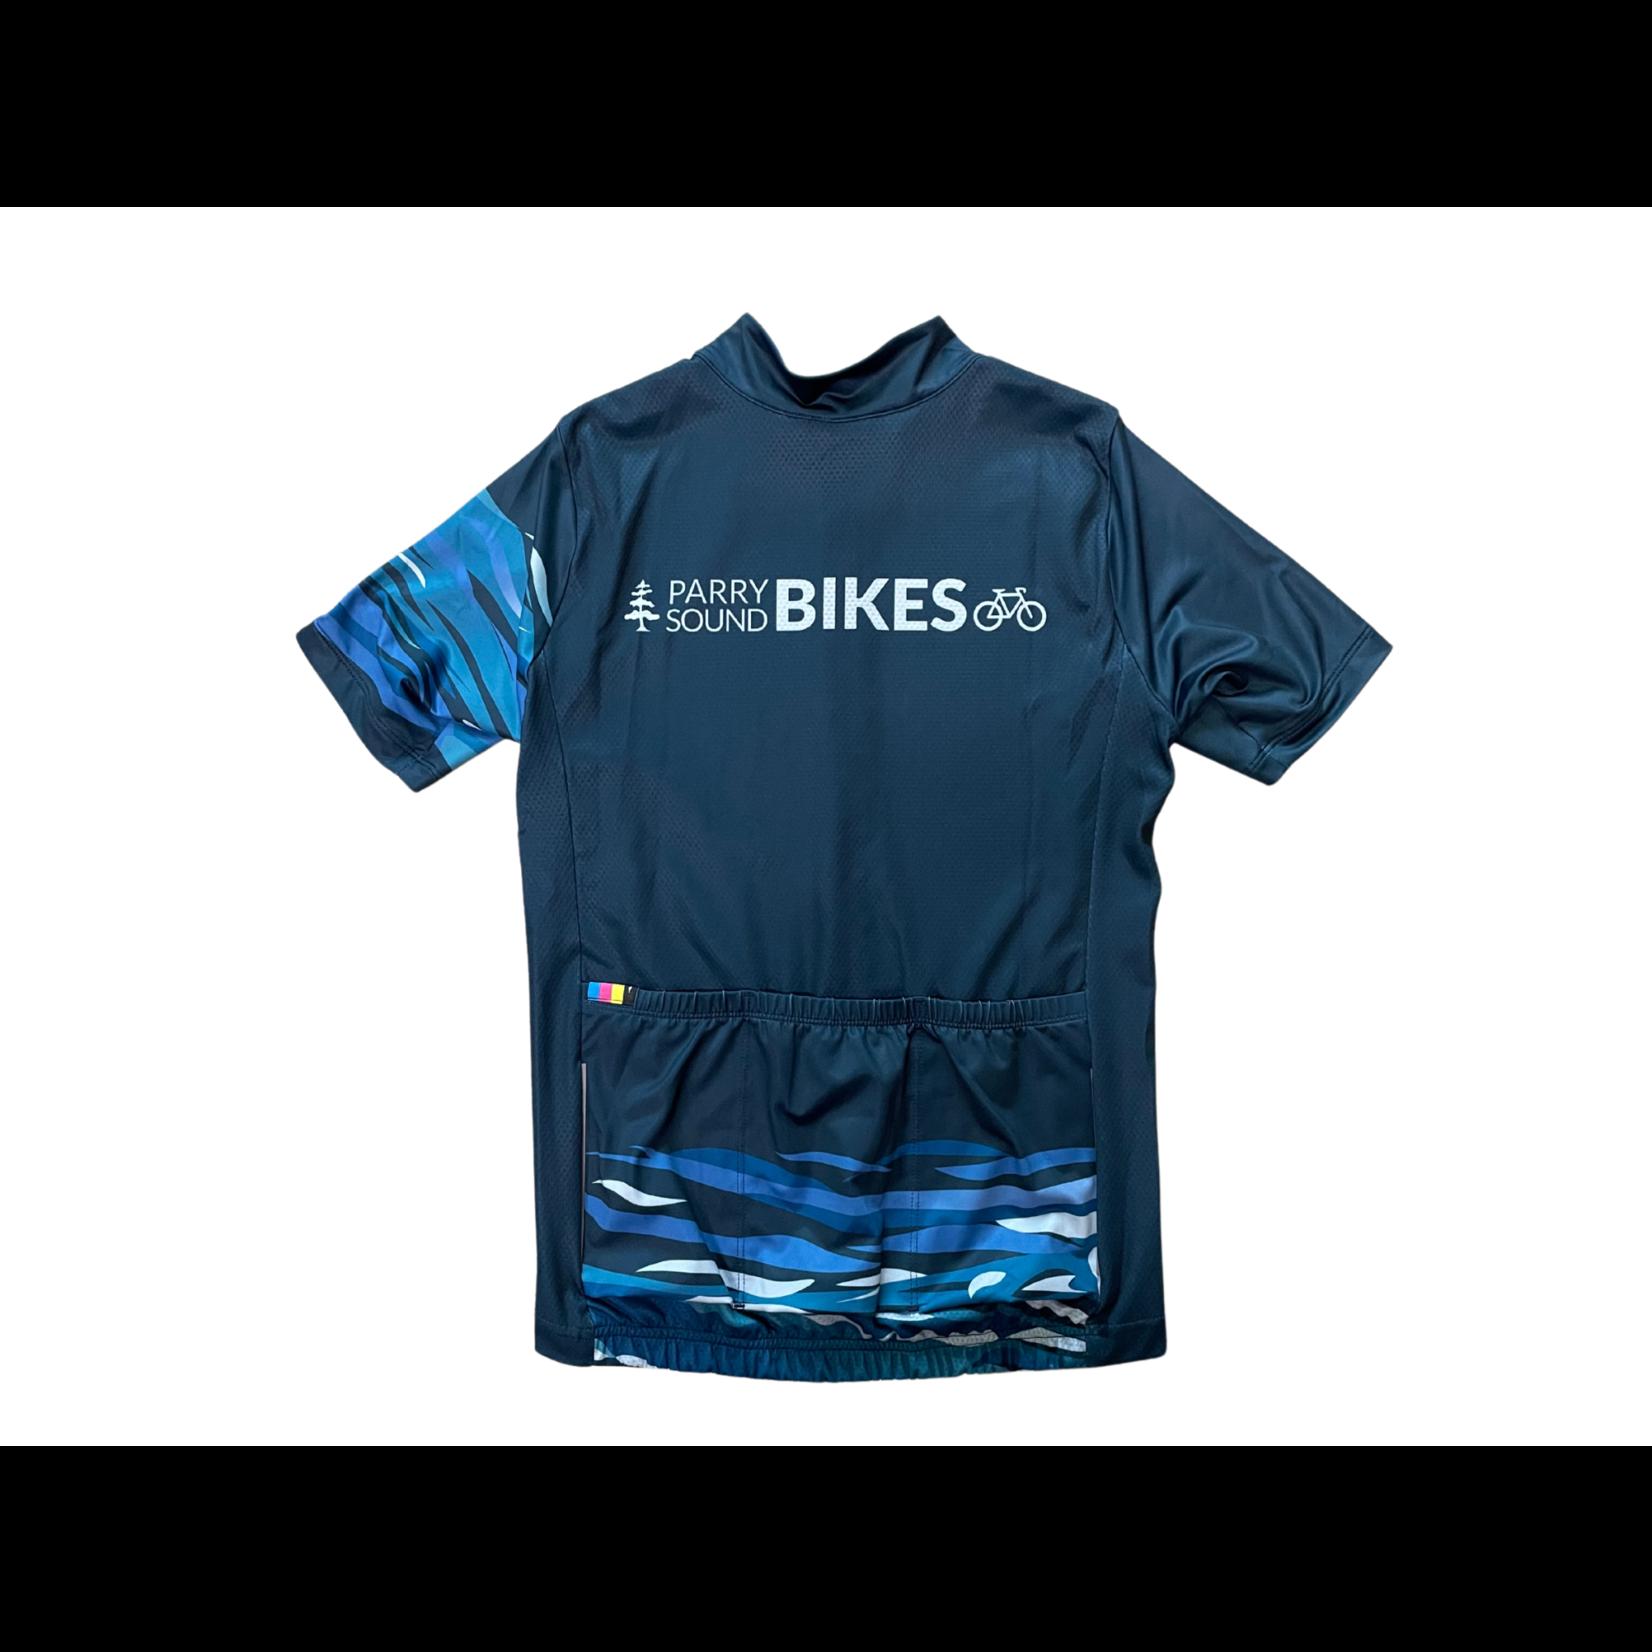 Specialized Specialized RBX Parry Sound Bikes Jersey Women's